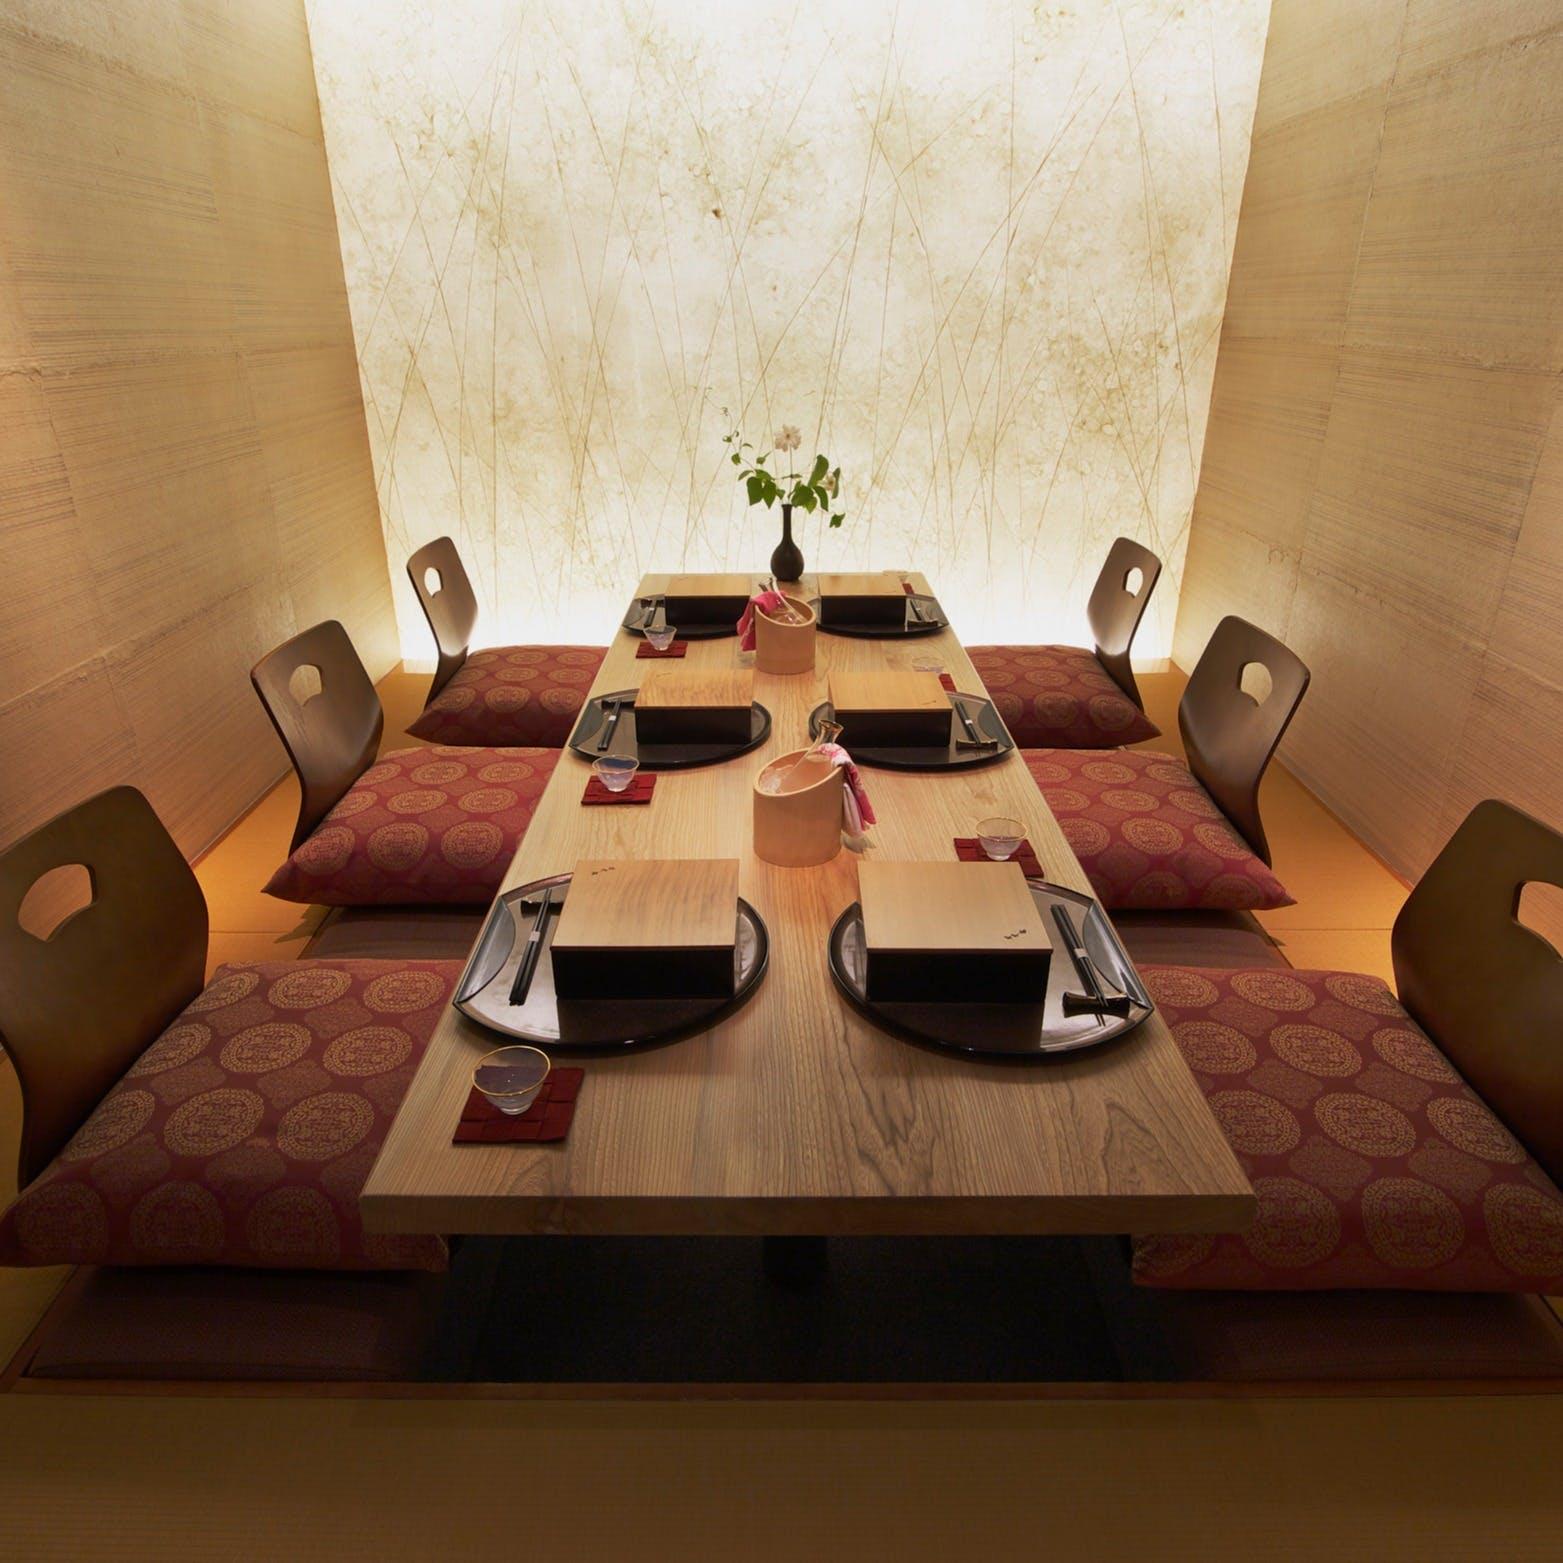 席間や天井も広くゆったりとした完全個室。お顔合わせや長寿・古稀祝い等にも最適です